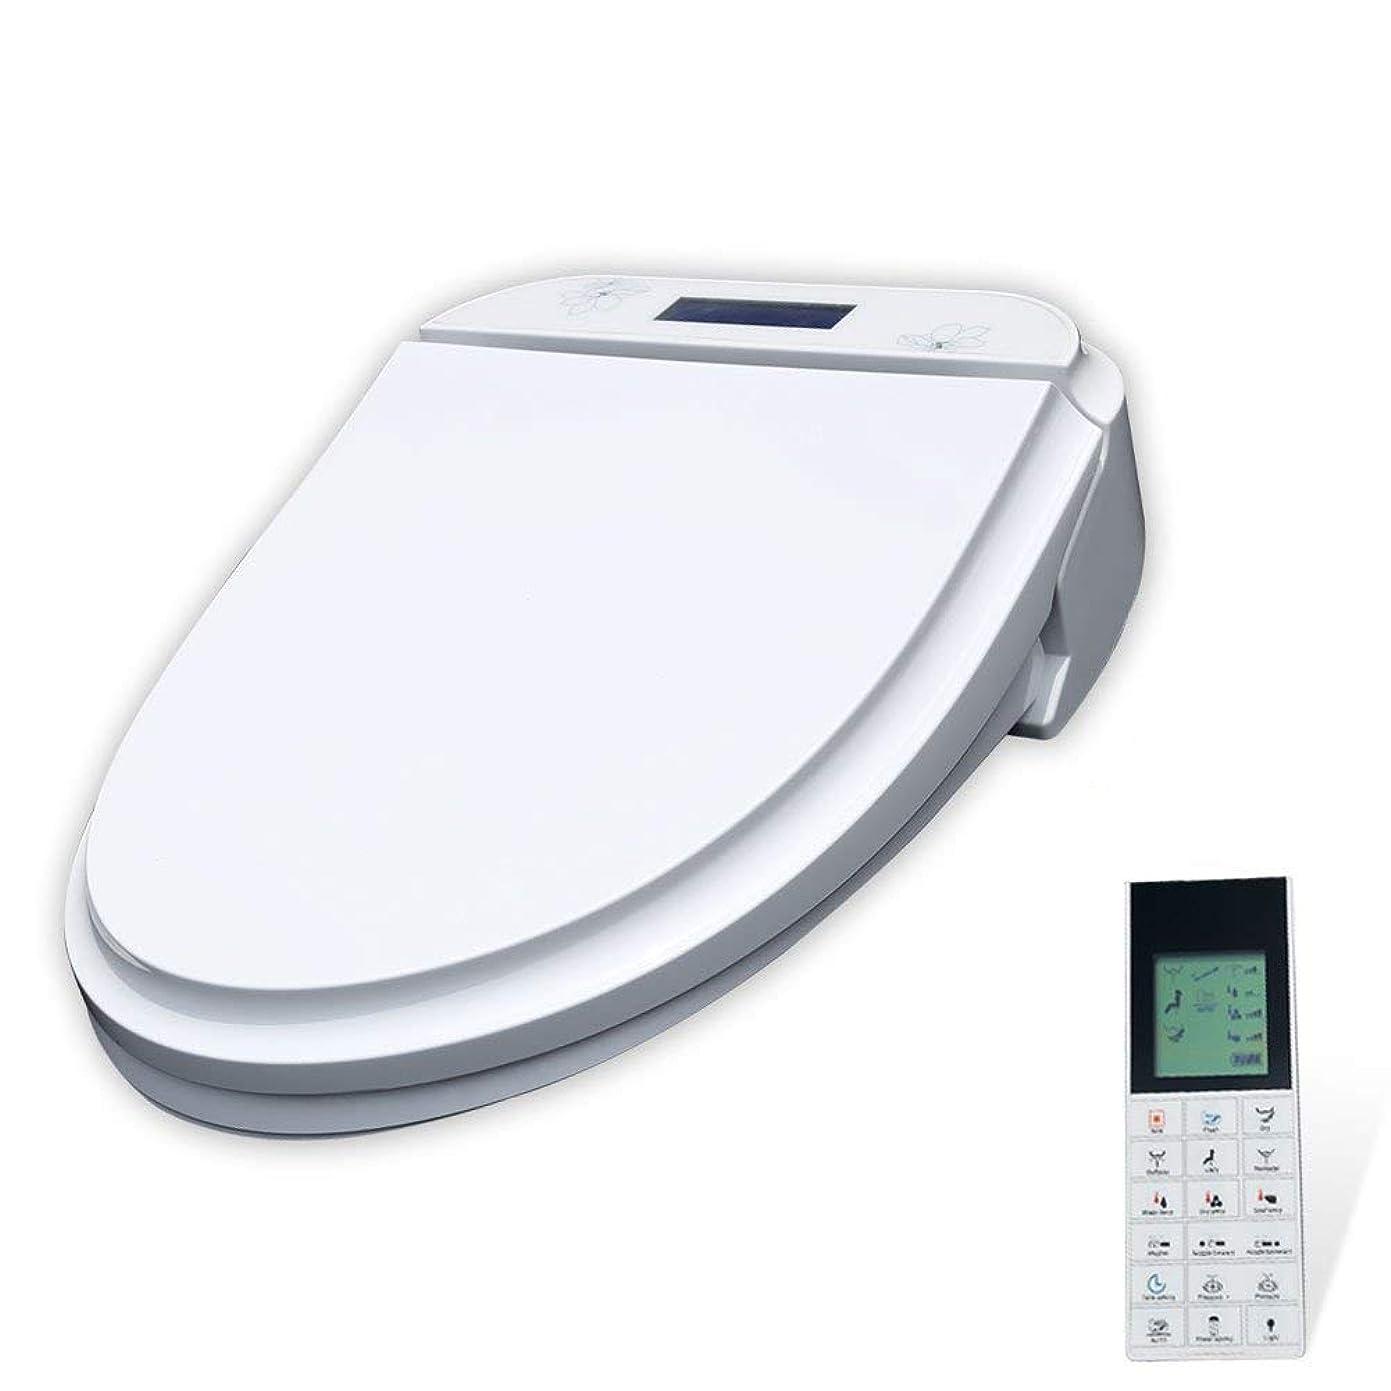 一皮見てShiSyan 便座カバー おしゃれ ワイヤレスパネル、P04水温温水シート規制、LCDスクリーン、ホワイトと自動スマート電気ビデ便座ソフトを閉じます 普通便座 トイレ用品